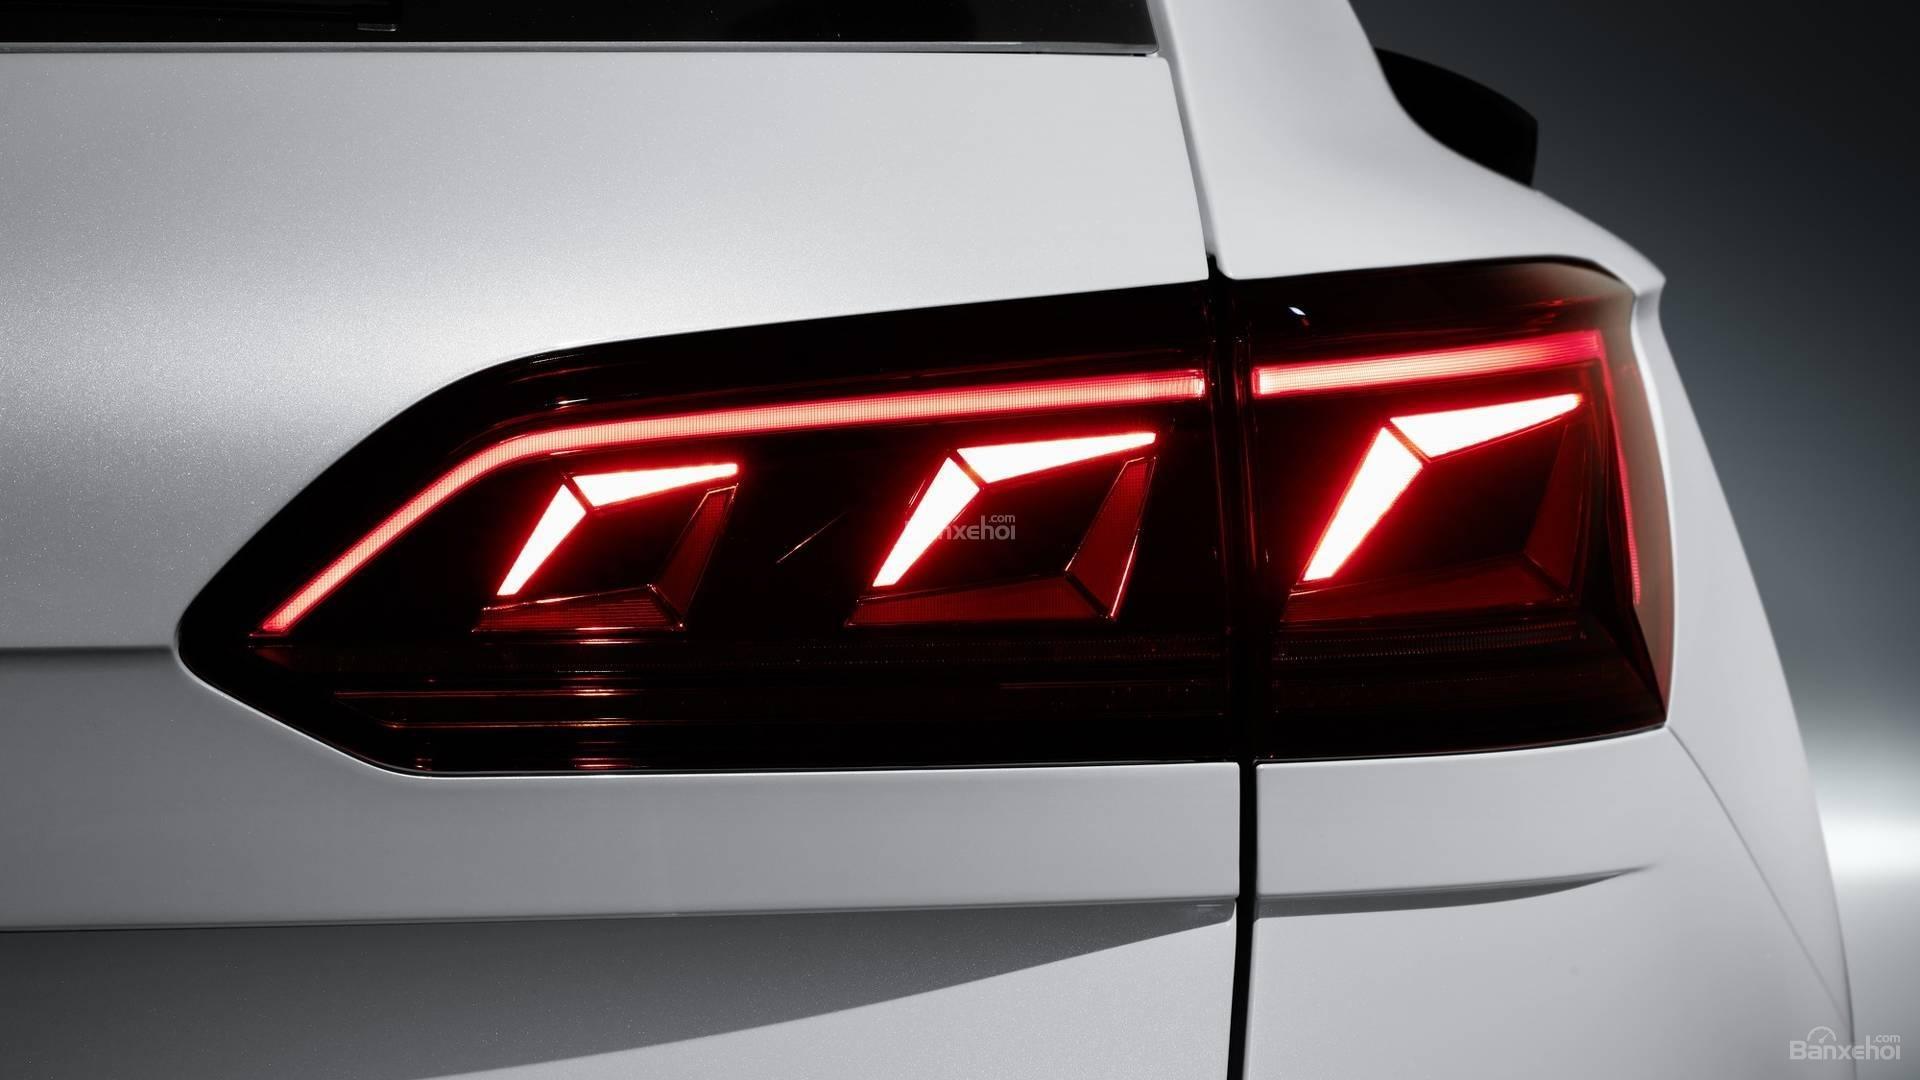 Đánh giá xe Volkswagen Touareg 2019 về thiết kế đuôi xe: đèn hậu LED đẹp mắt 2